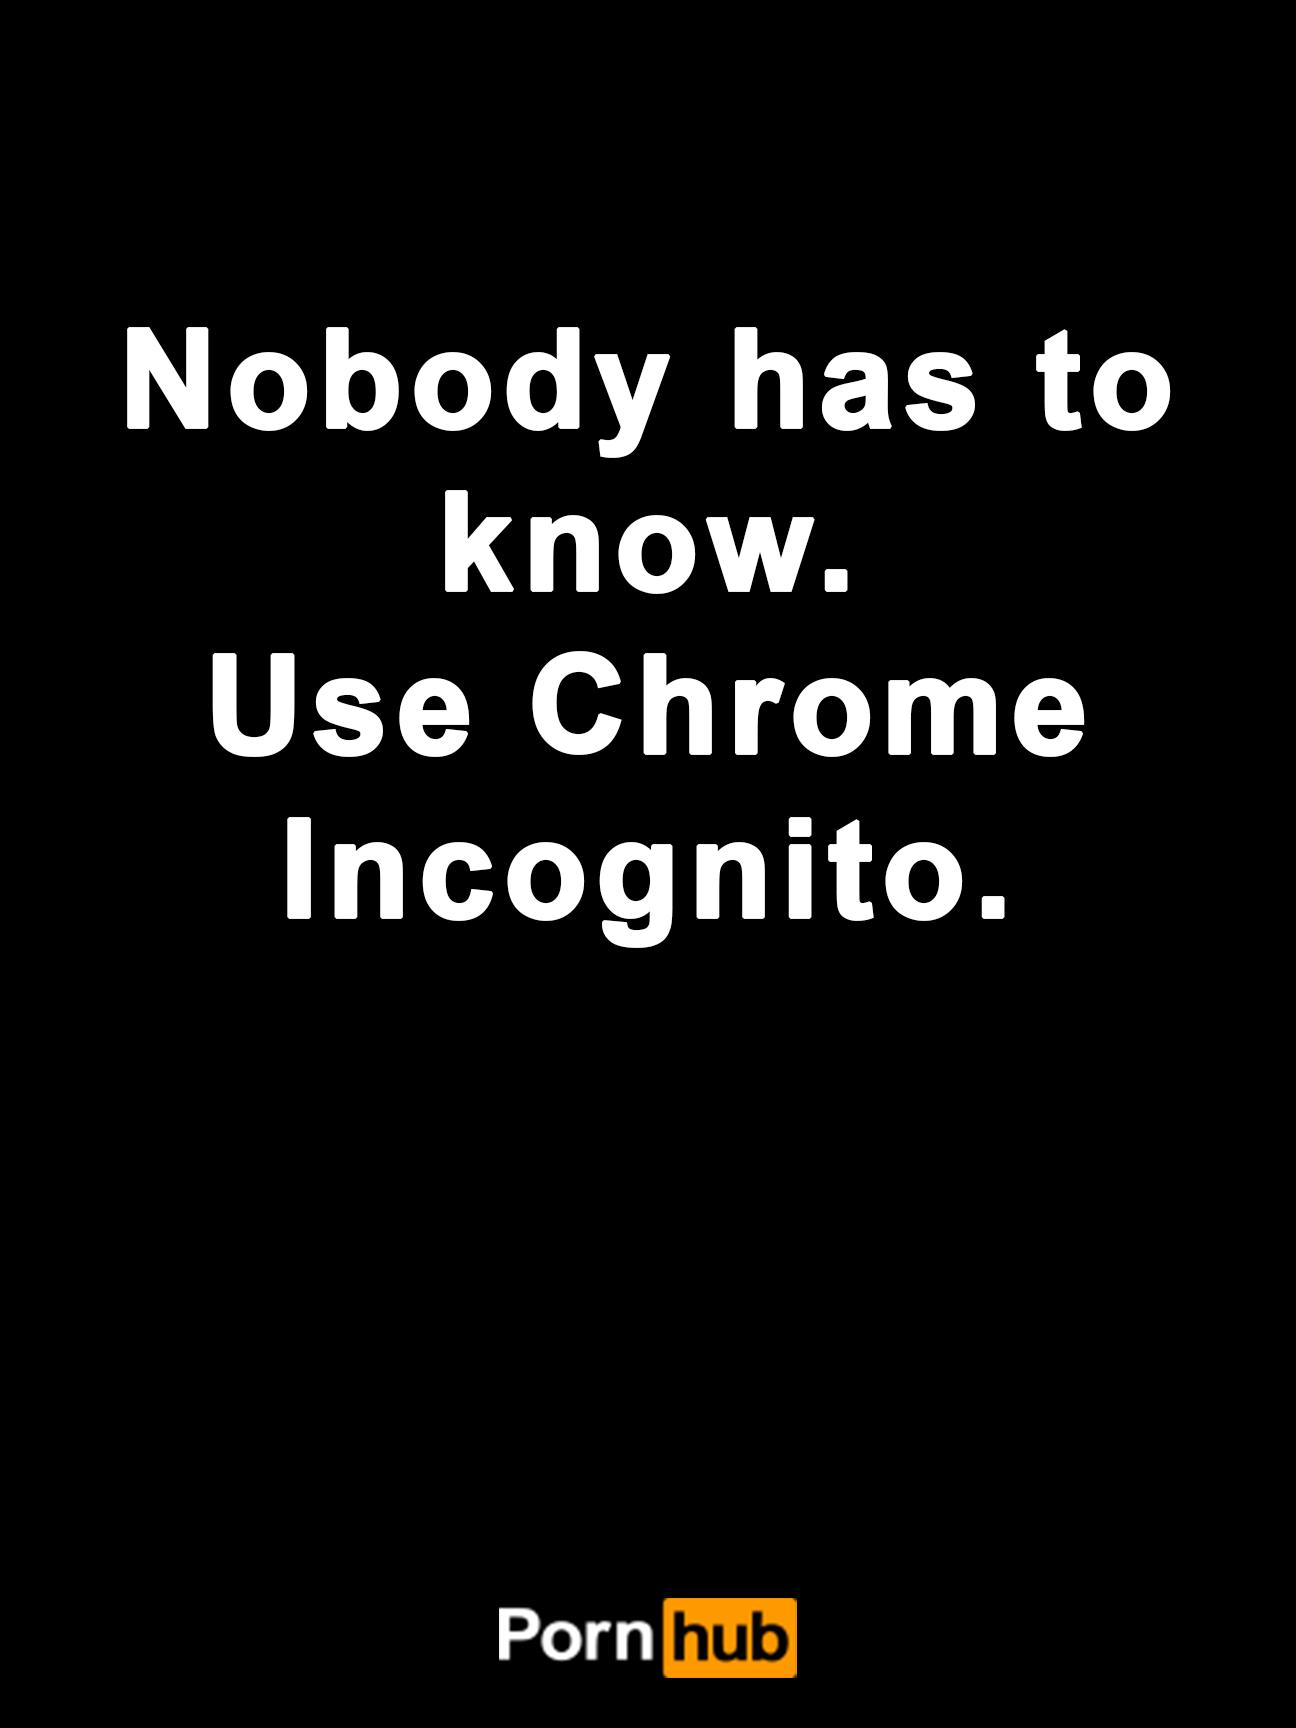 PornHub_incognito.png